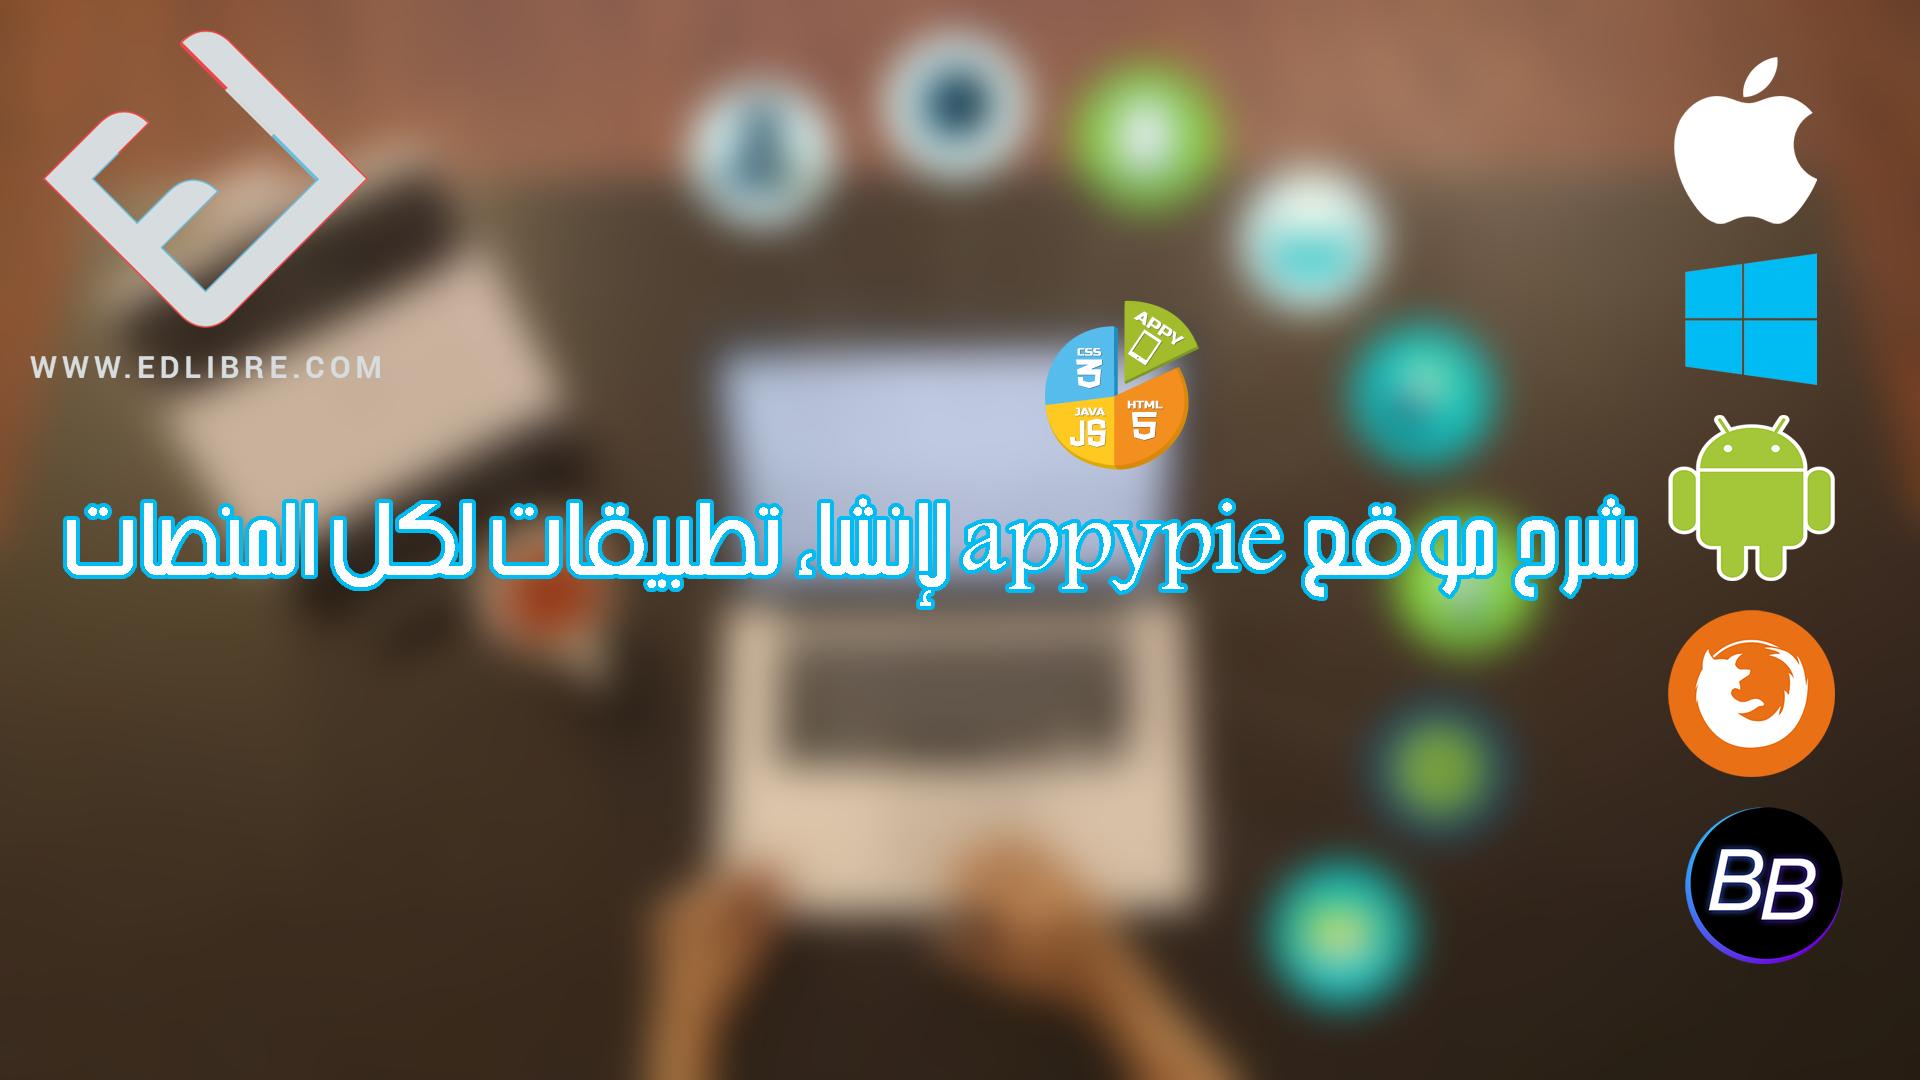 شرح موقع appypie لإنشاء تطبيقات لكل المنصات